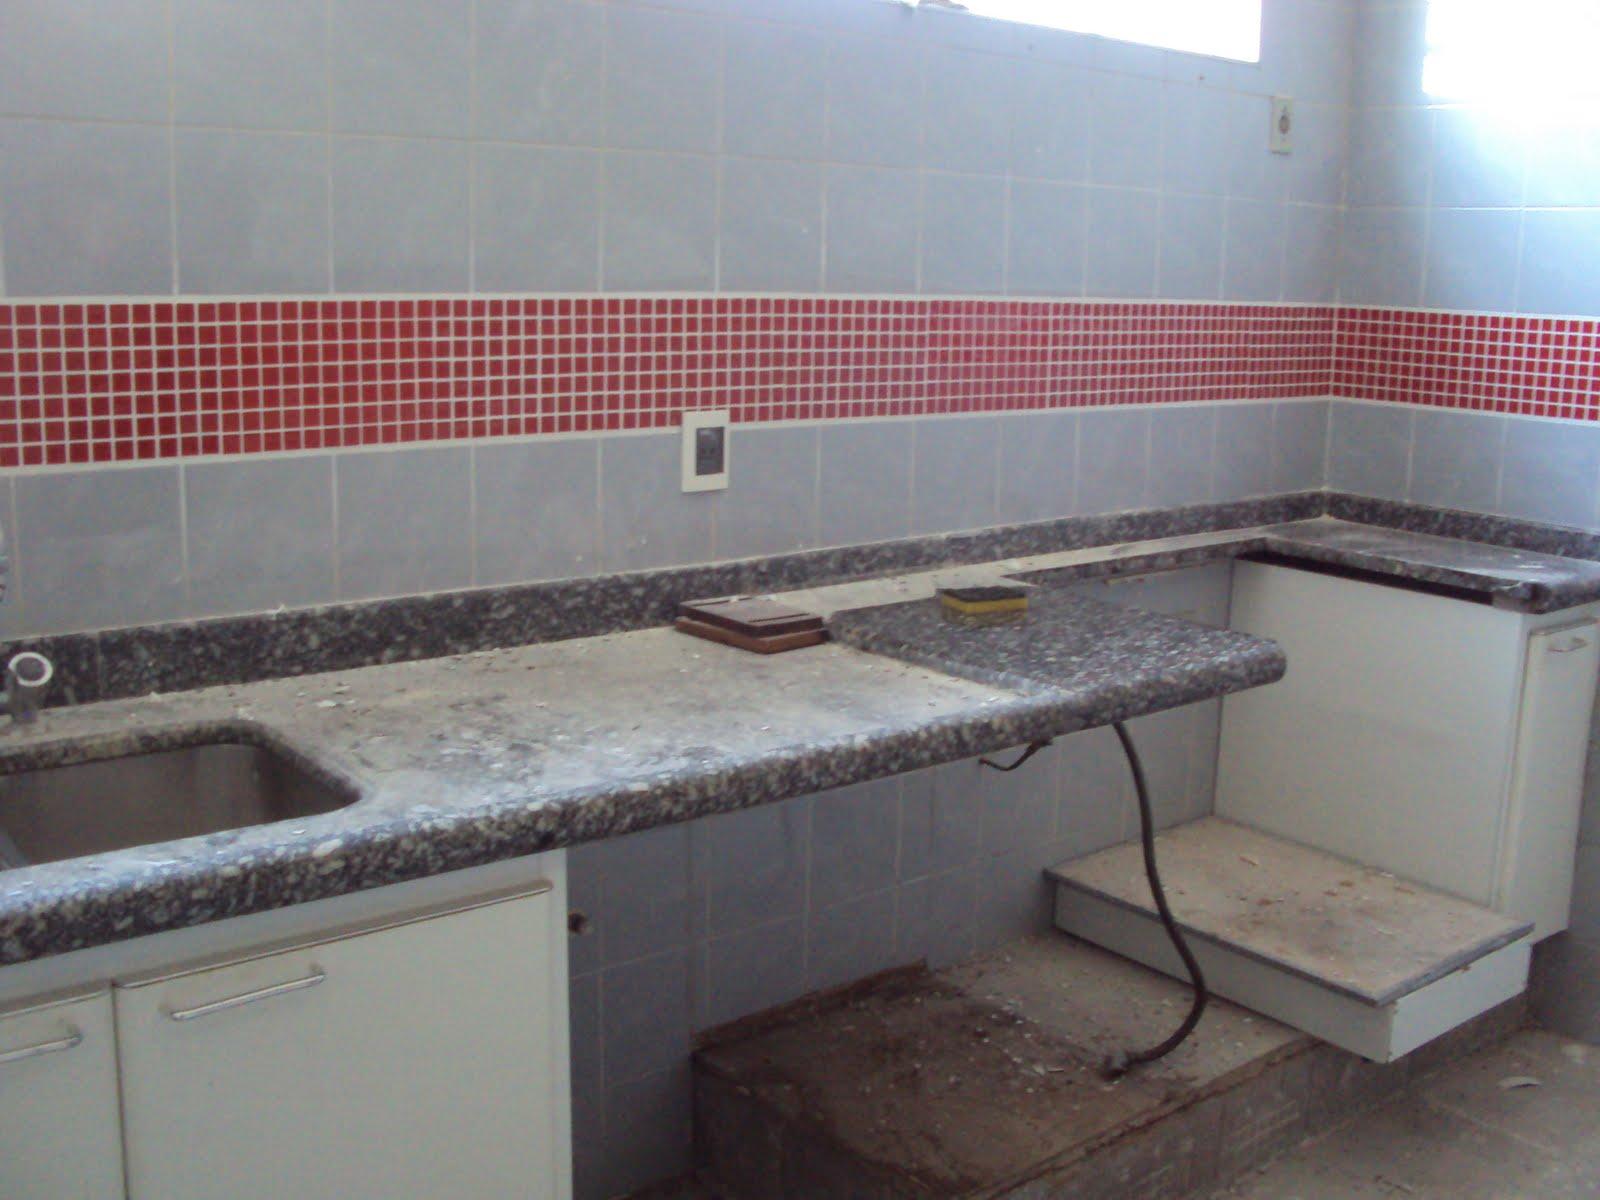 casa: O que algumas pastilhas vermelhas podem fazer por uma cozinha #724042 1600x1200 Banheiro Com Pastilhas Vermelhas